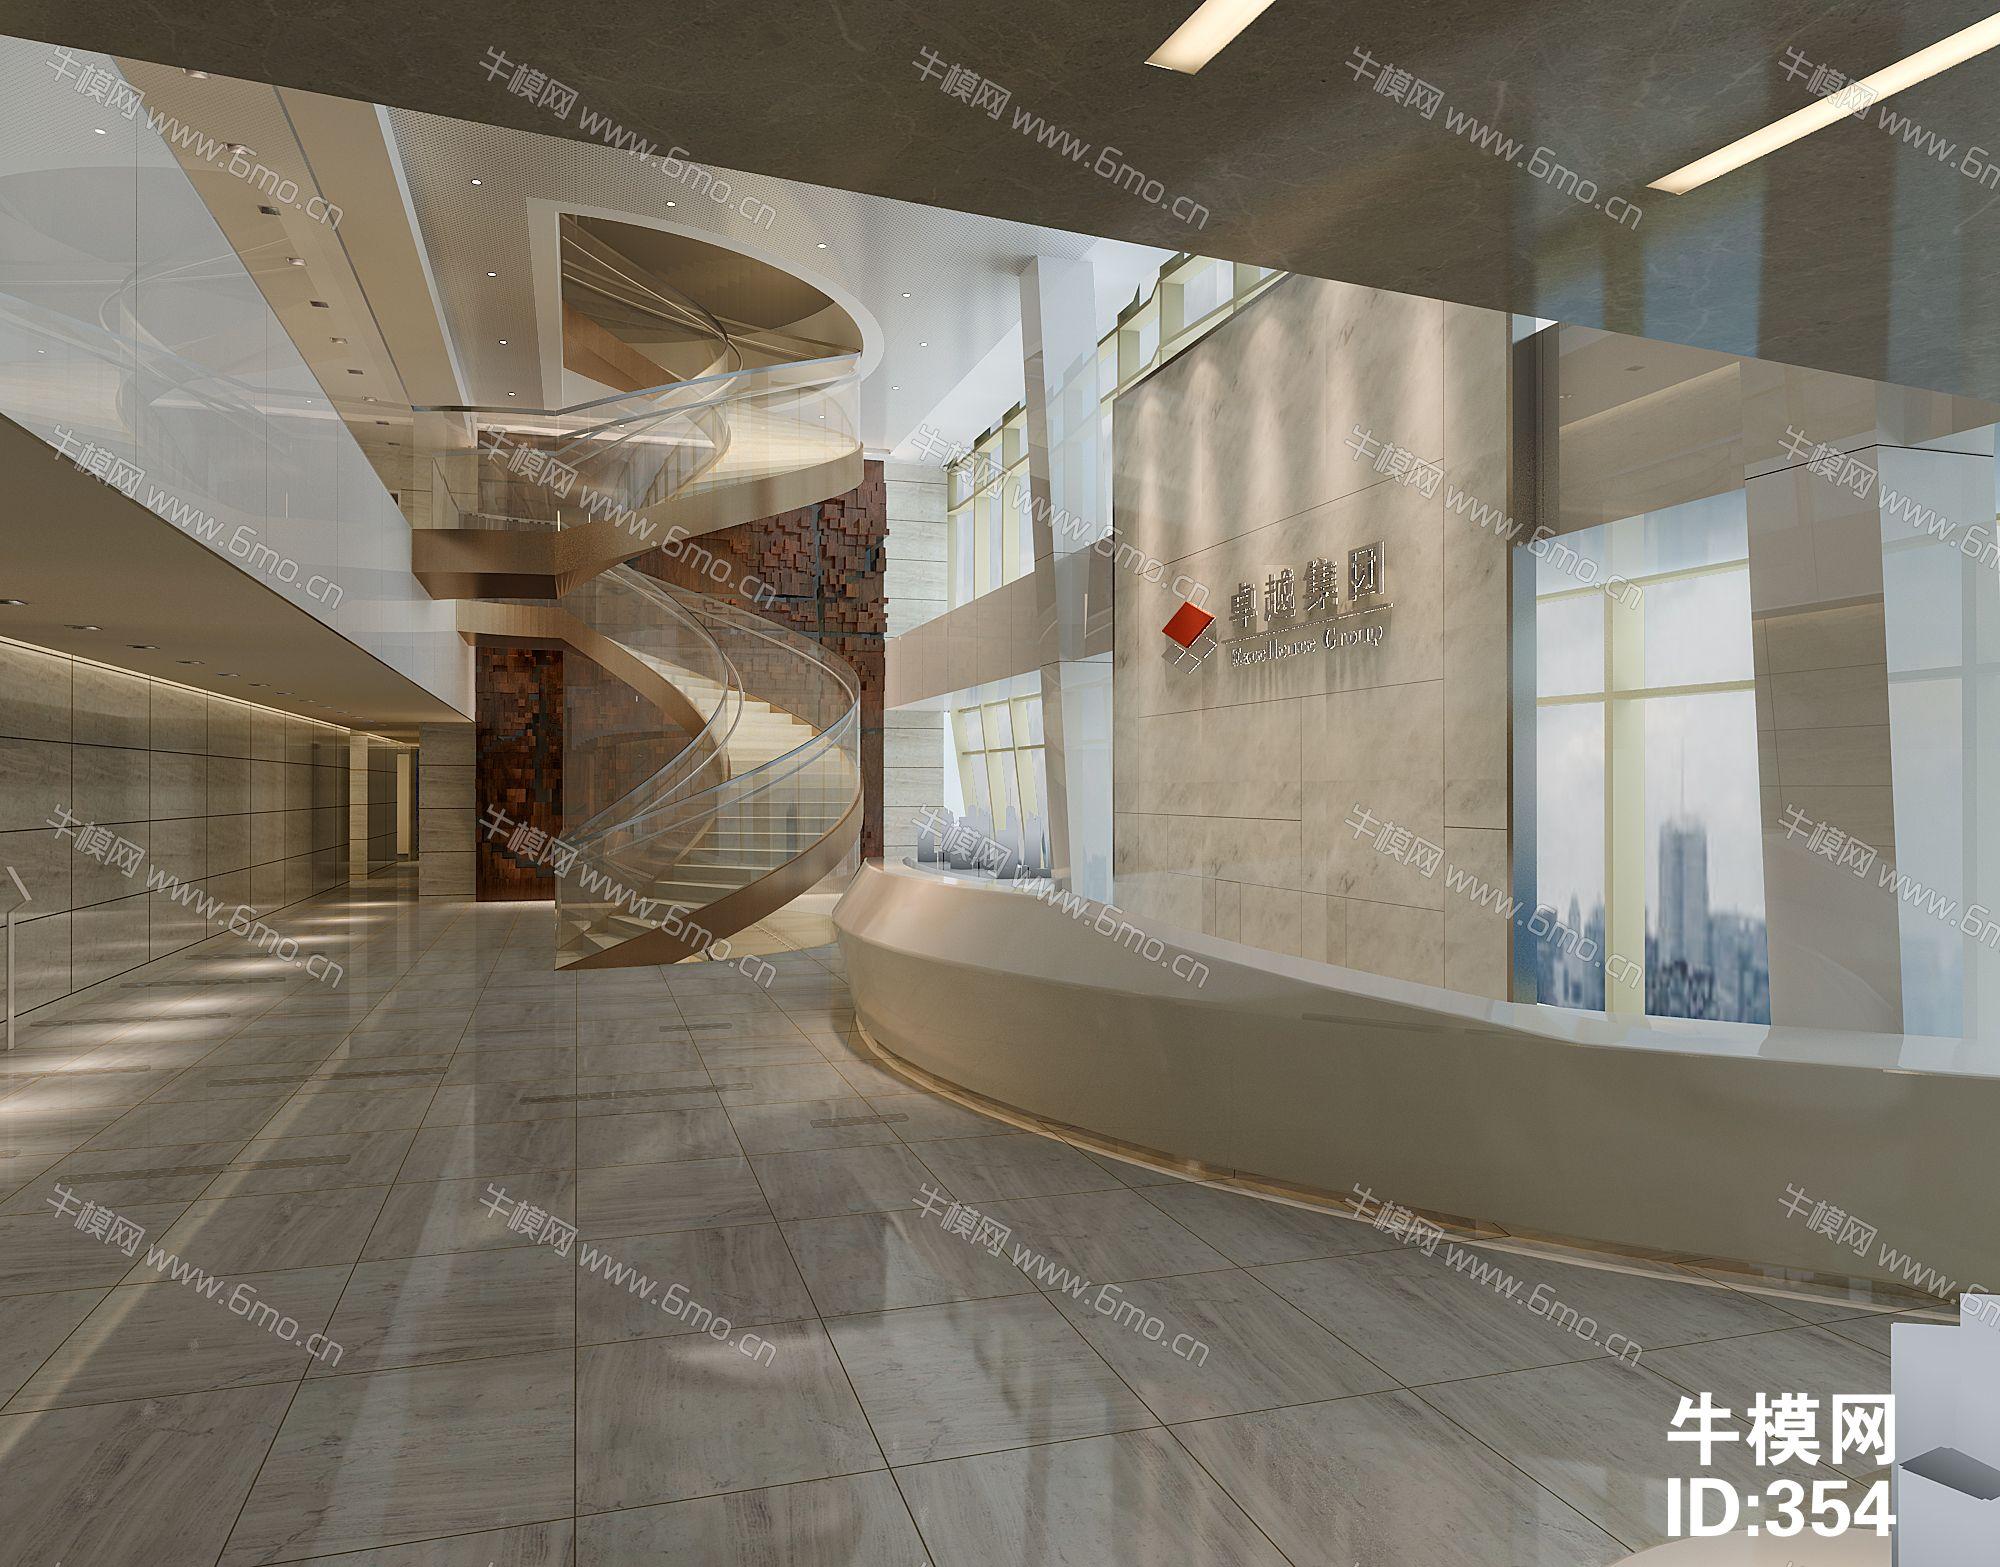 上市集团公司前台大厅